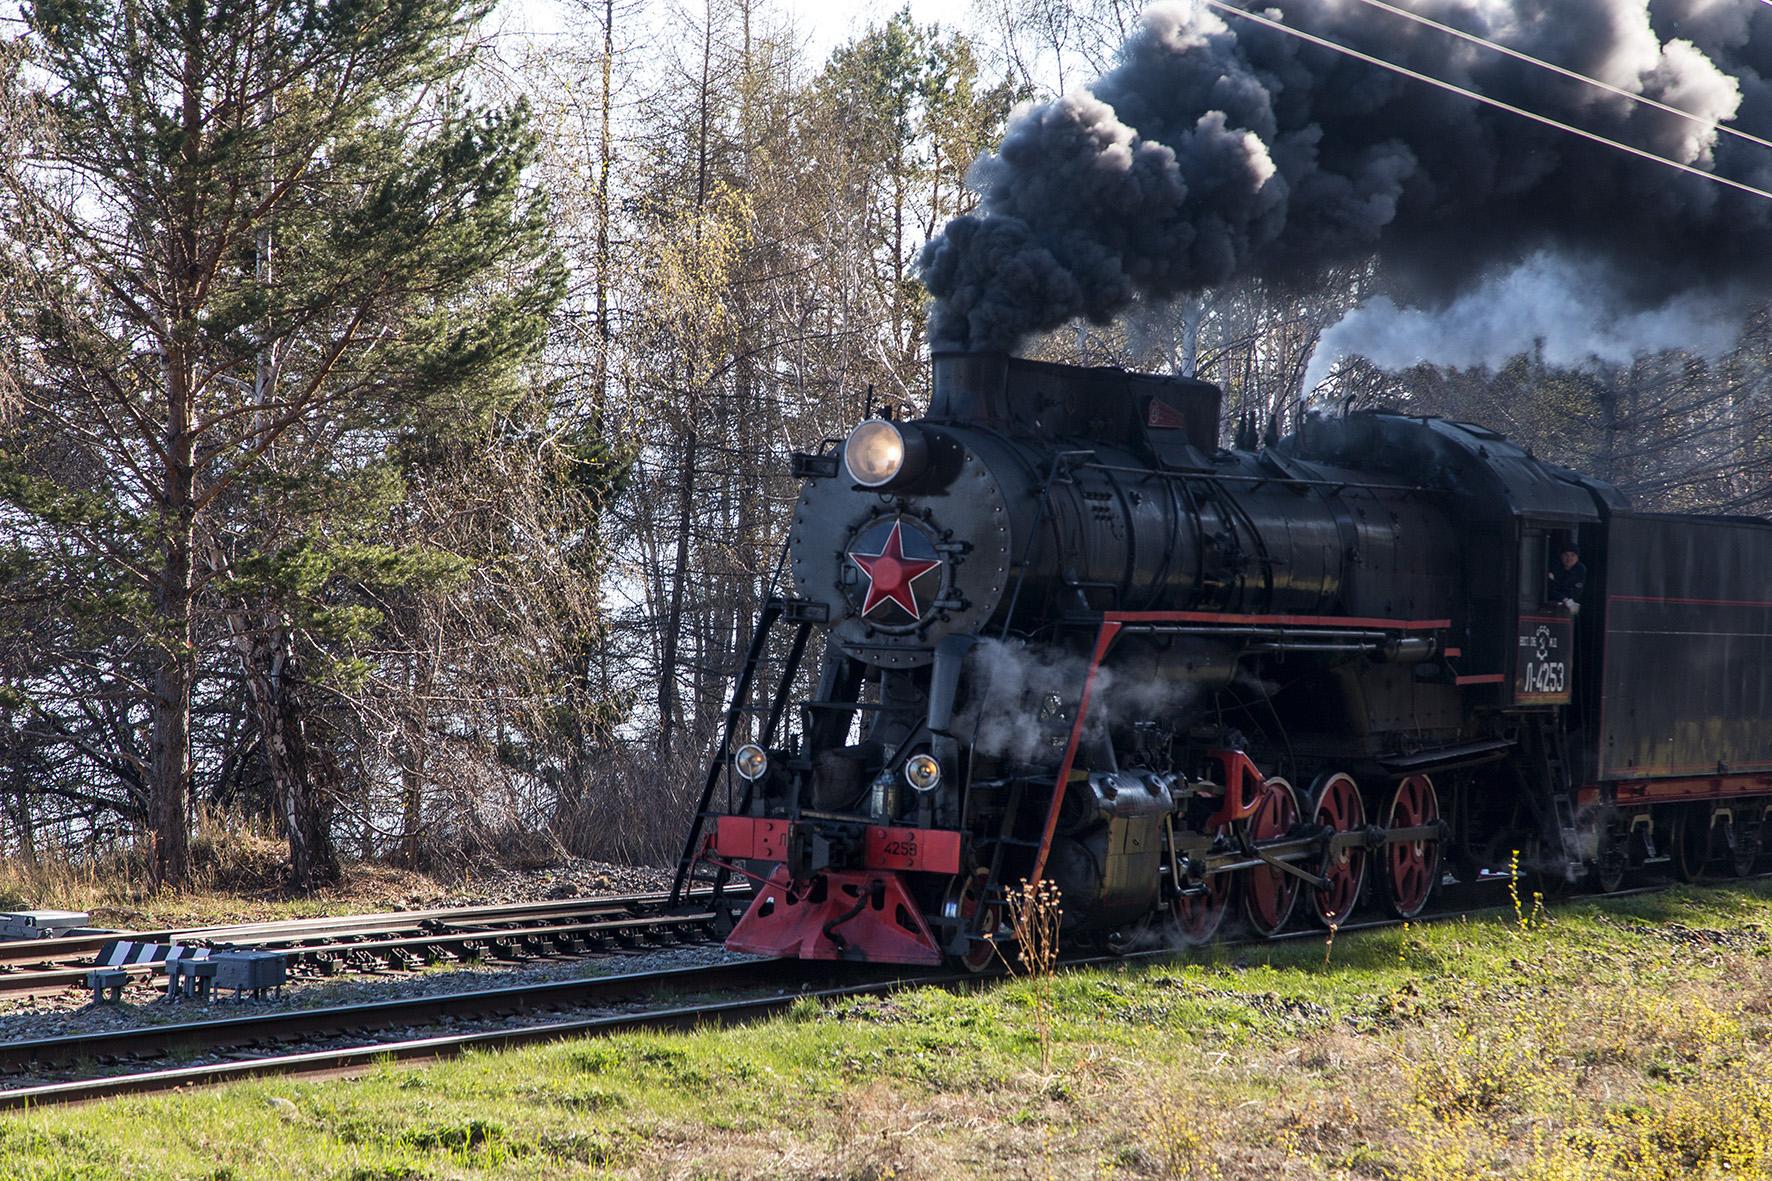 Abenteuer Horizont: Eine Reise mit der transsibirischen Eisenbahn.